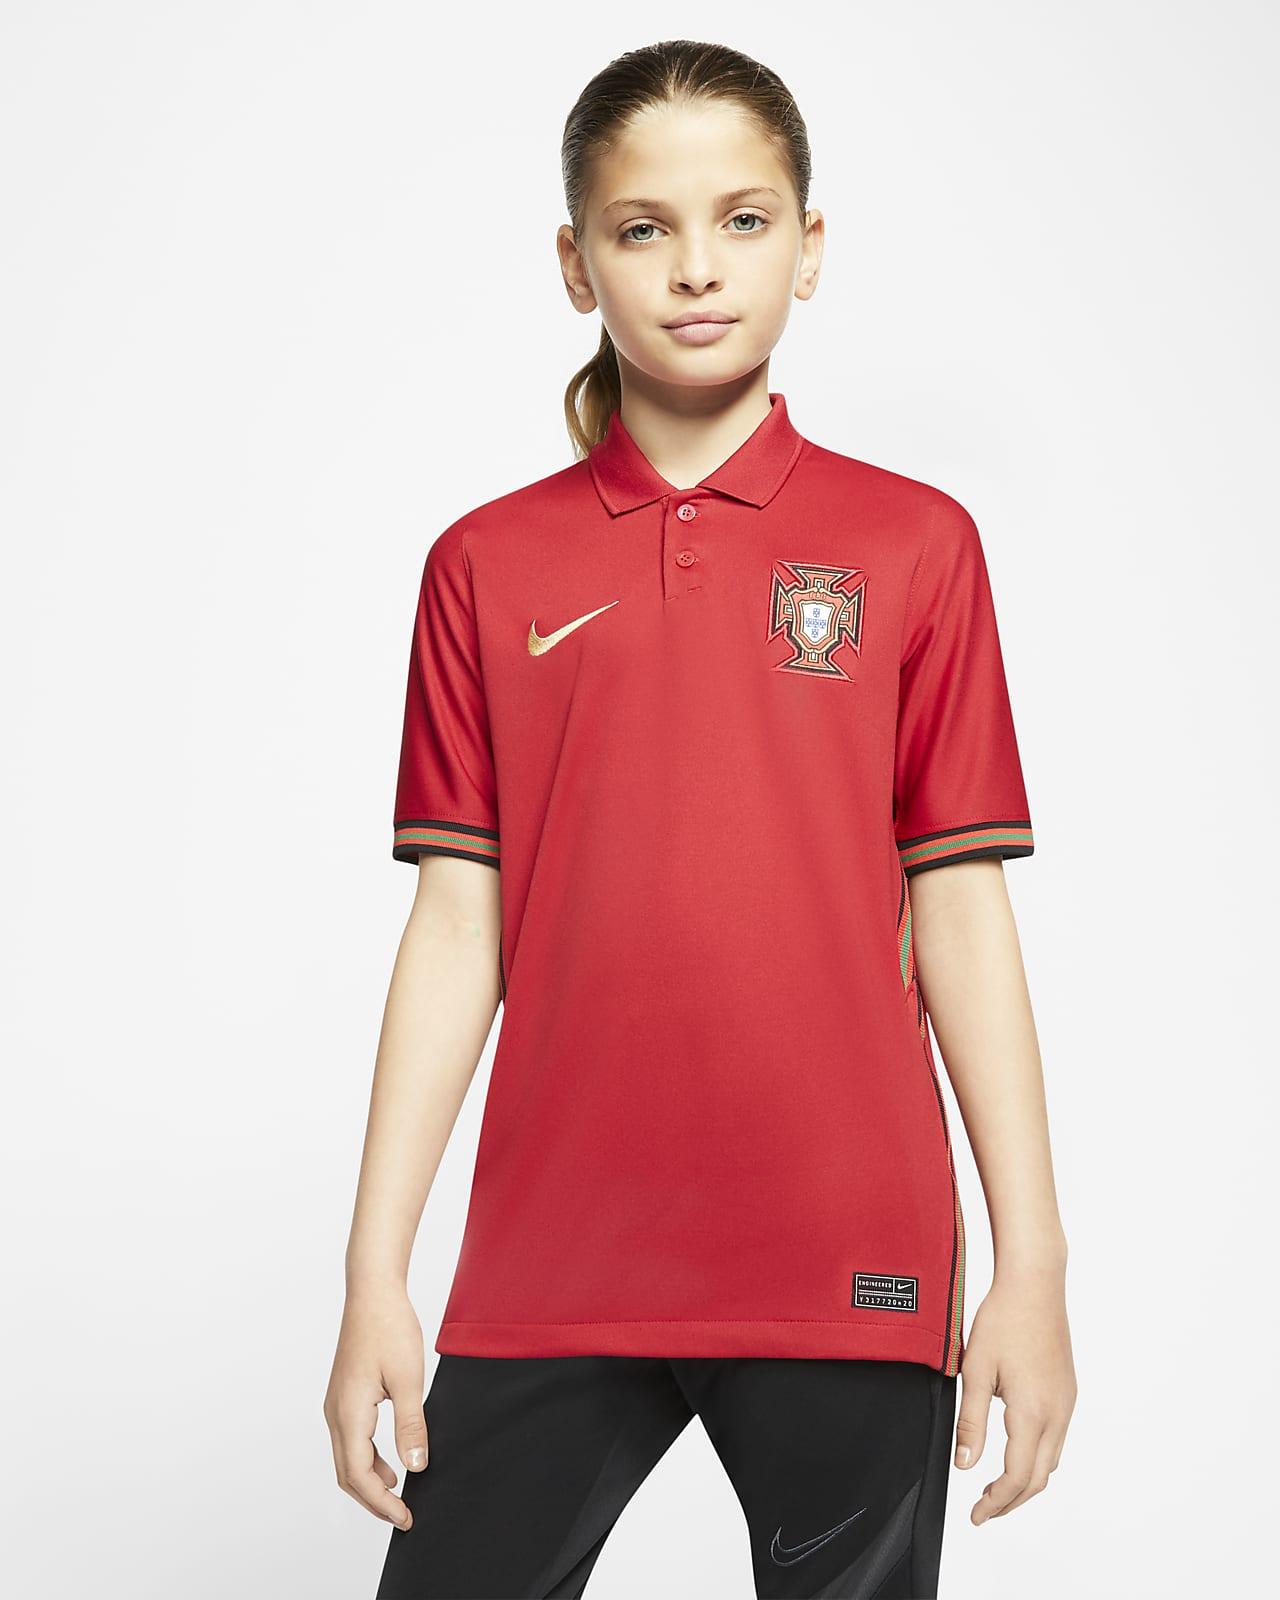 เสื้อแข่งฟุตบอลเด็กโต Portugal 2020 Stadium Home